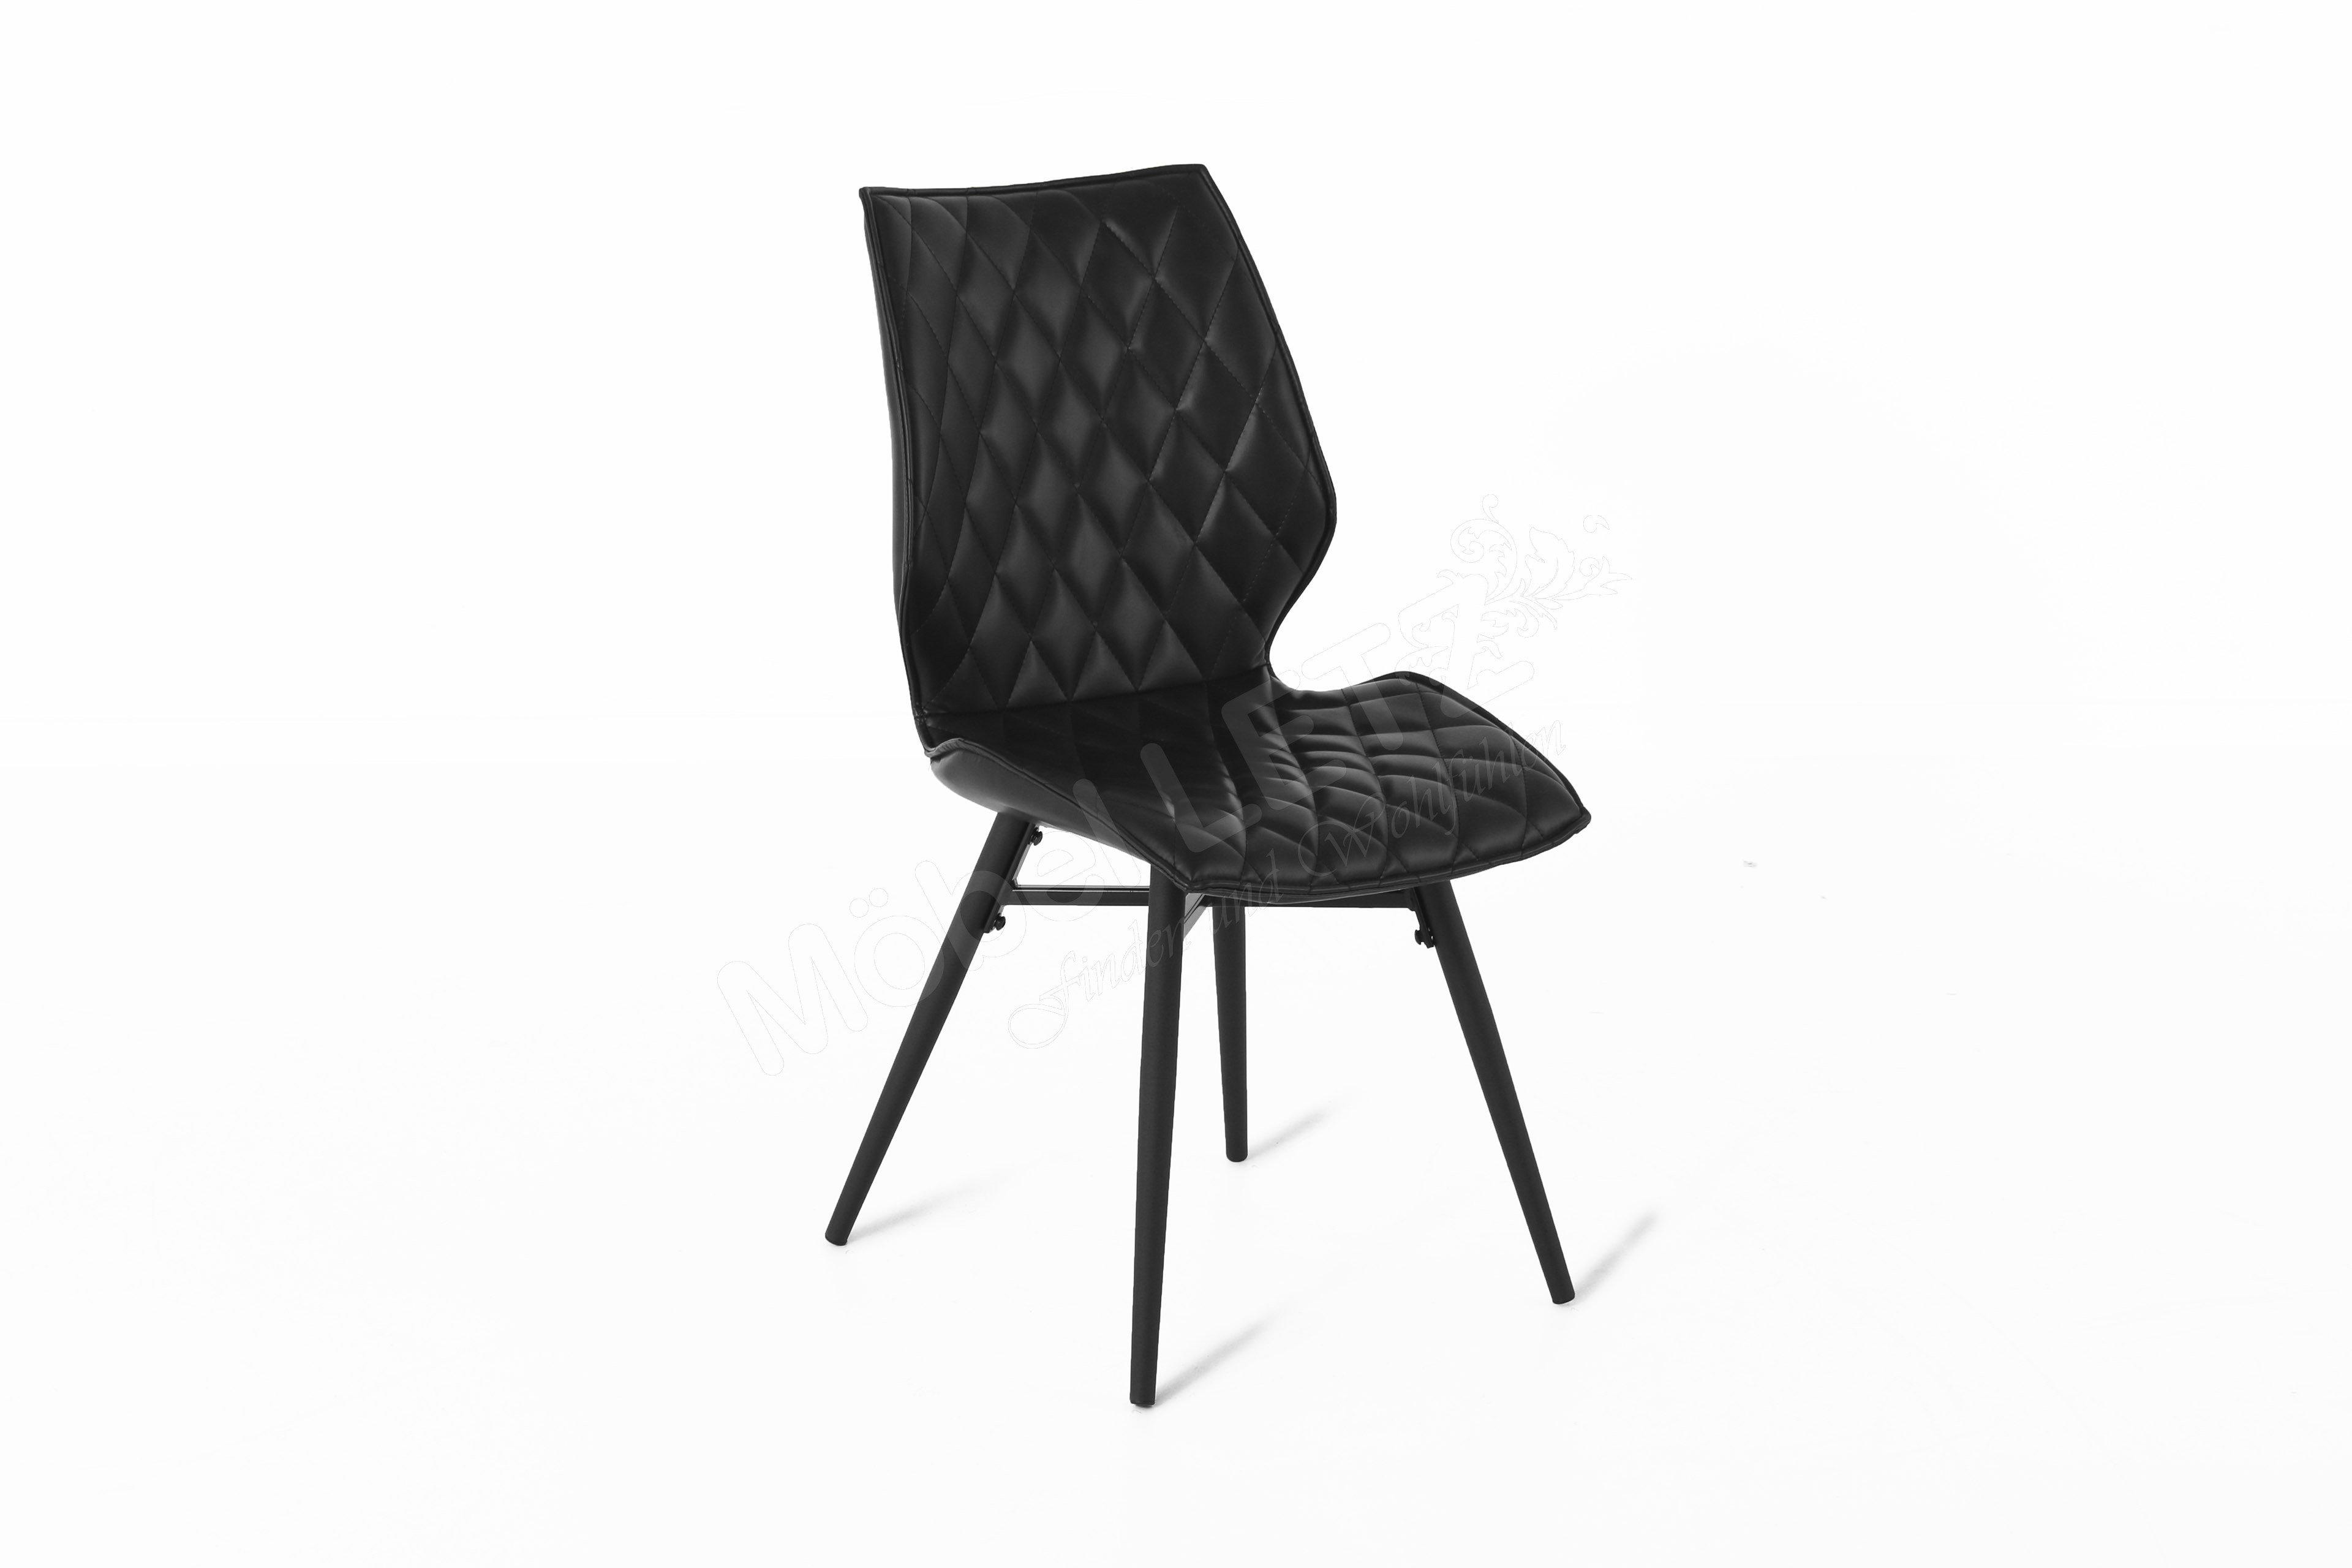 stuhl stockholm kunstleder schwarz m bel letz ihr online shop. Black Bedroom Furniture Sets. Home Design Ideas